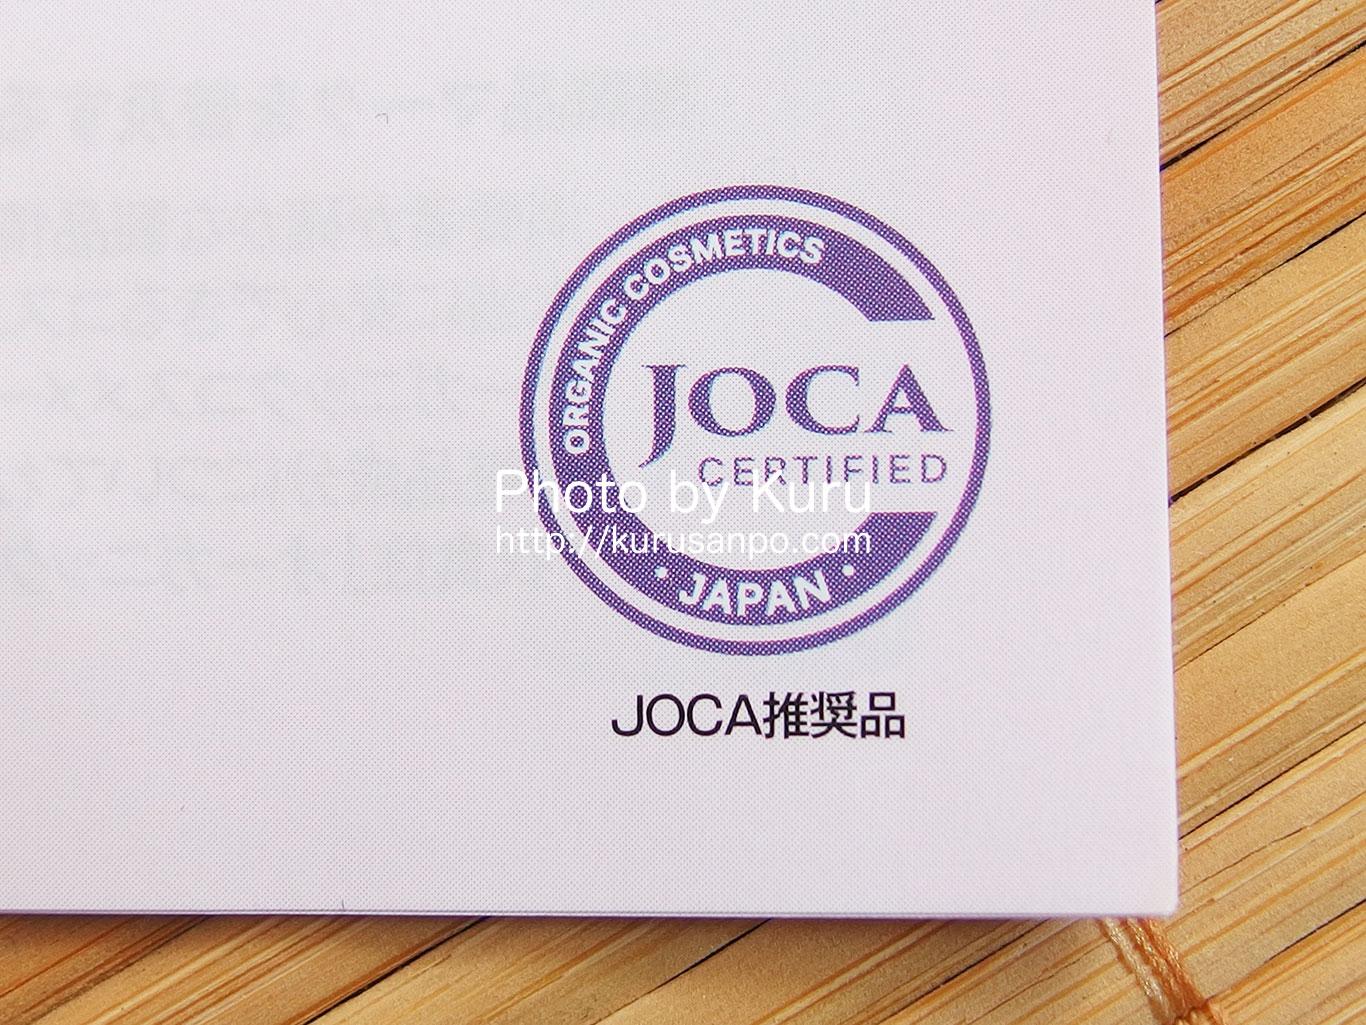 日本の「オーガニック」コスメを作る!『日本オーガニックコスメ協会(JOCA)』と『ARTE(アルテ)』